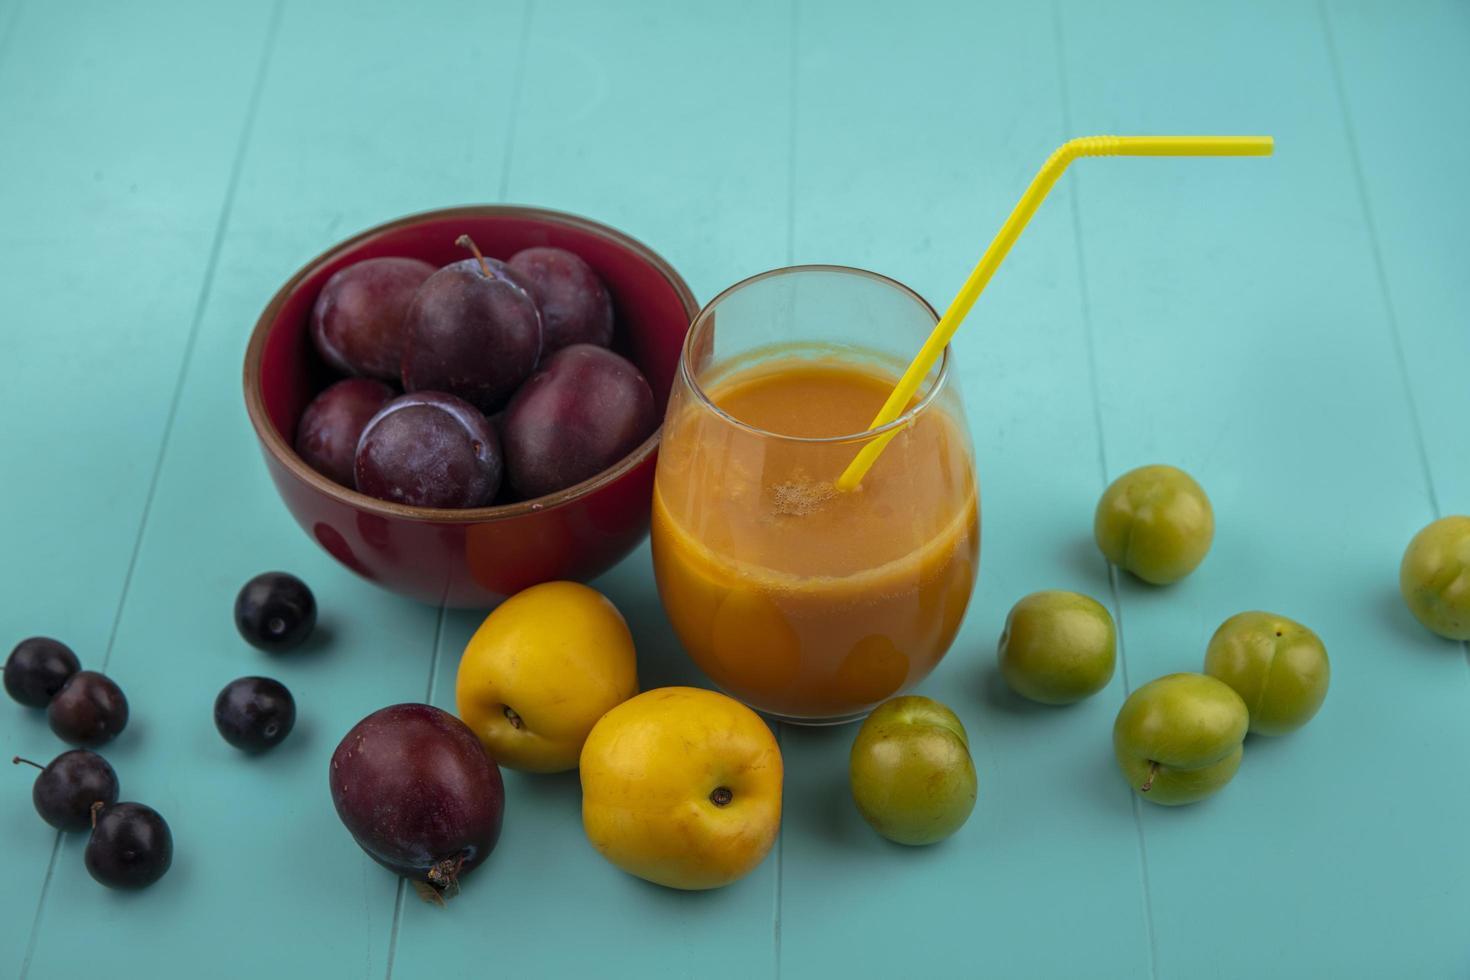 frutta fresca e succhi di frutta su sfondo blu foto